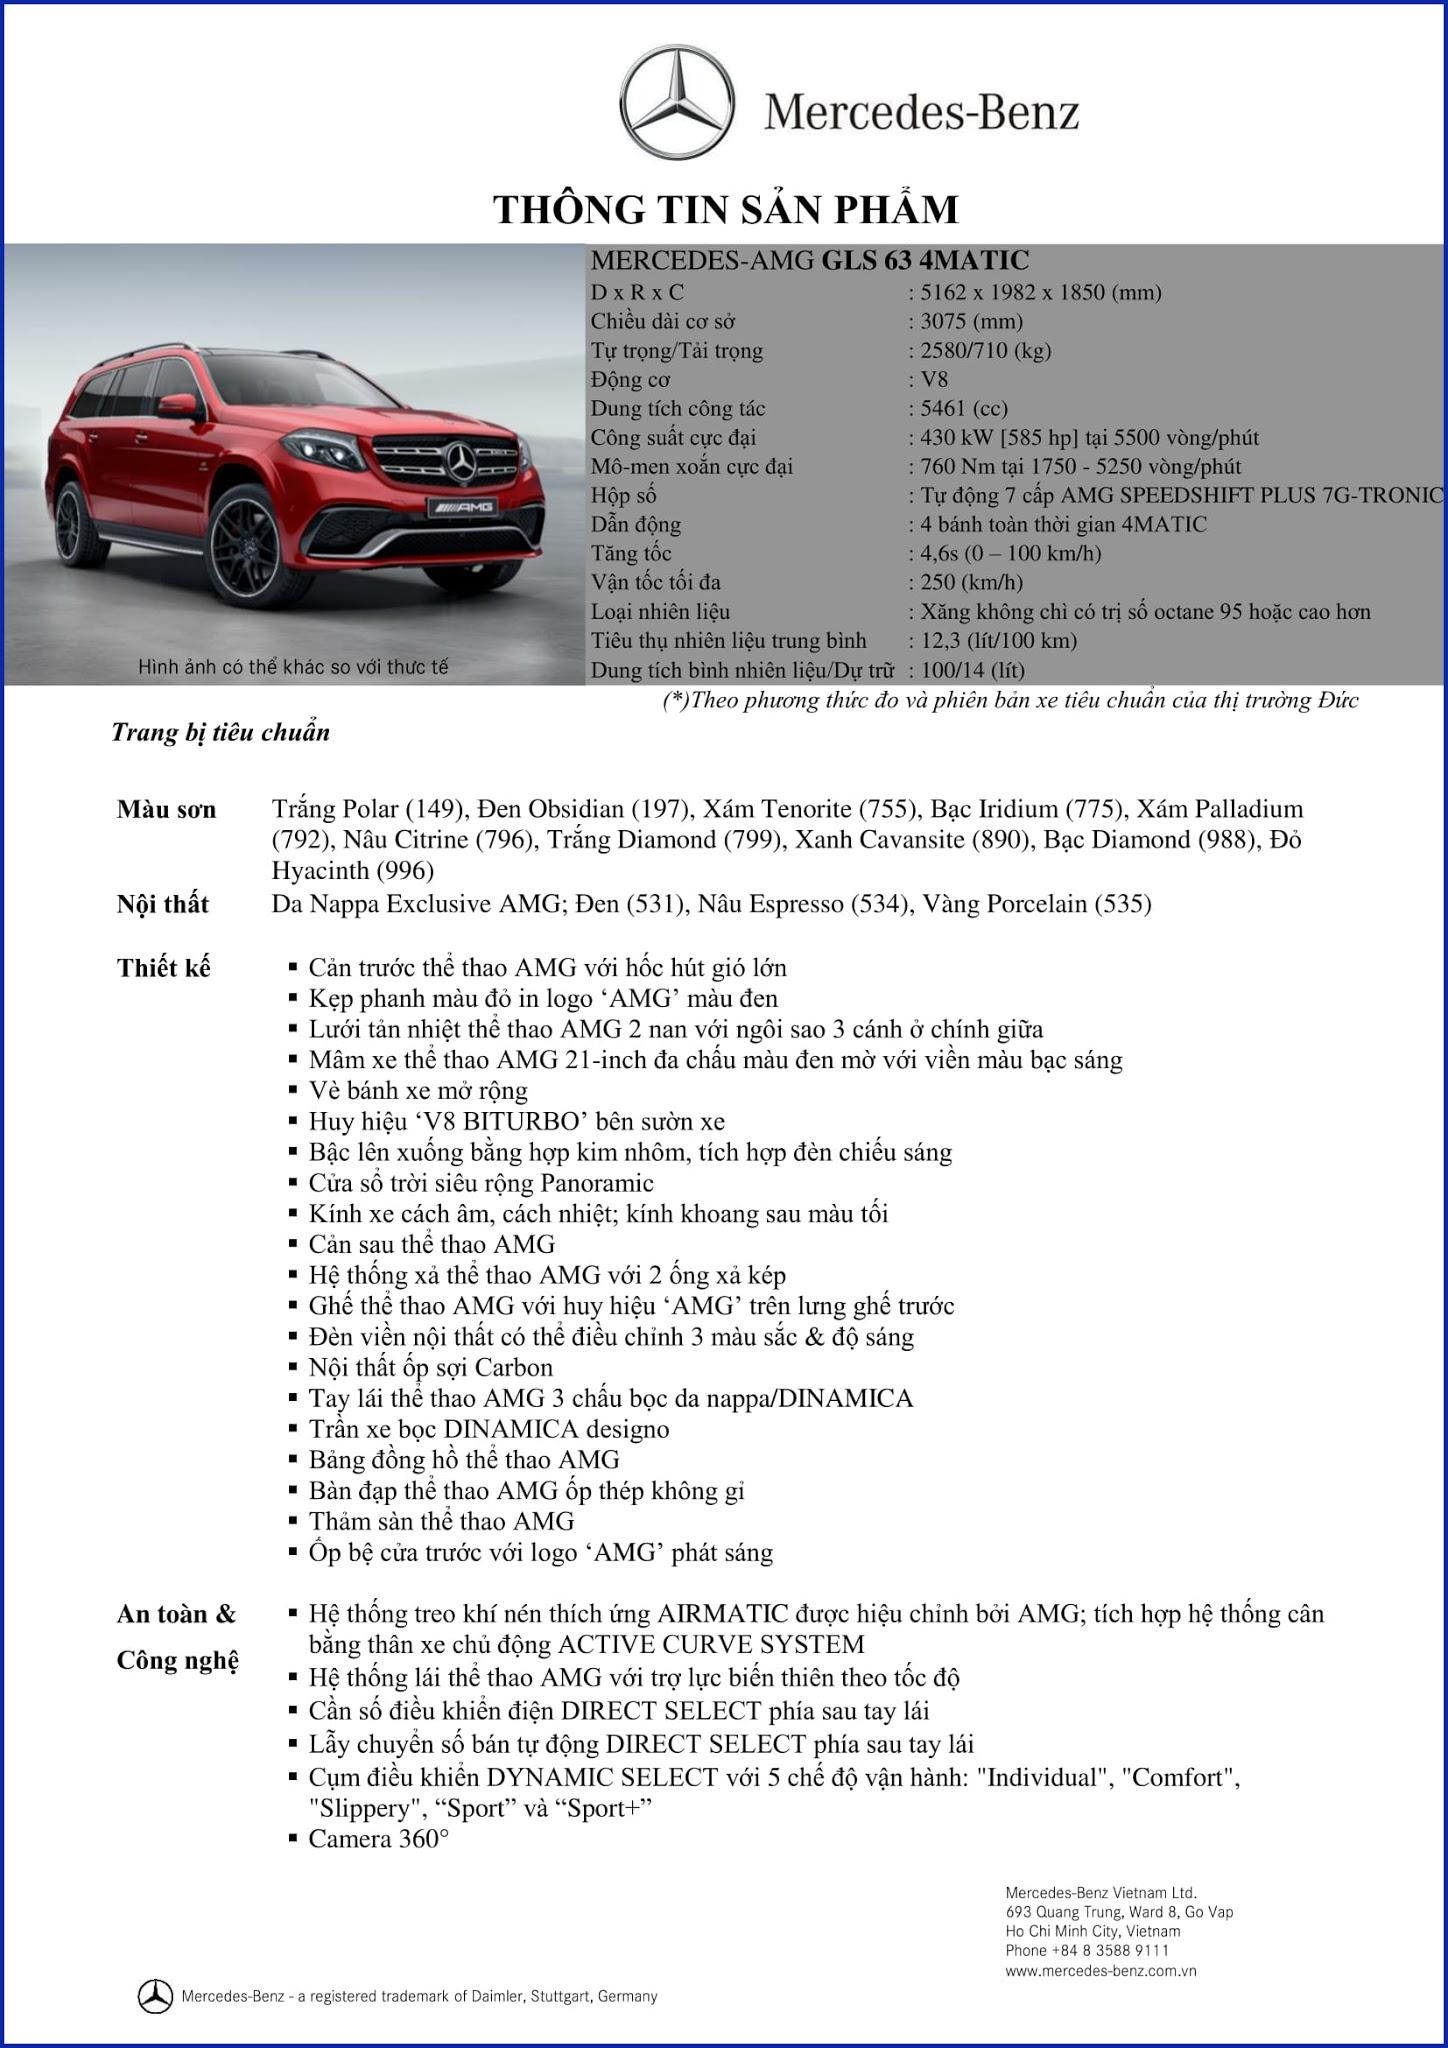 Bảng thông số kỹ thuật Mercedes AMG GLS 63 4MATIC 2017 tại Mercedes Trường Chinh